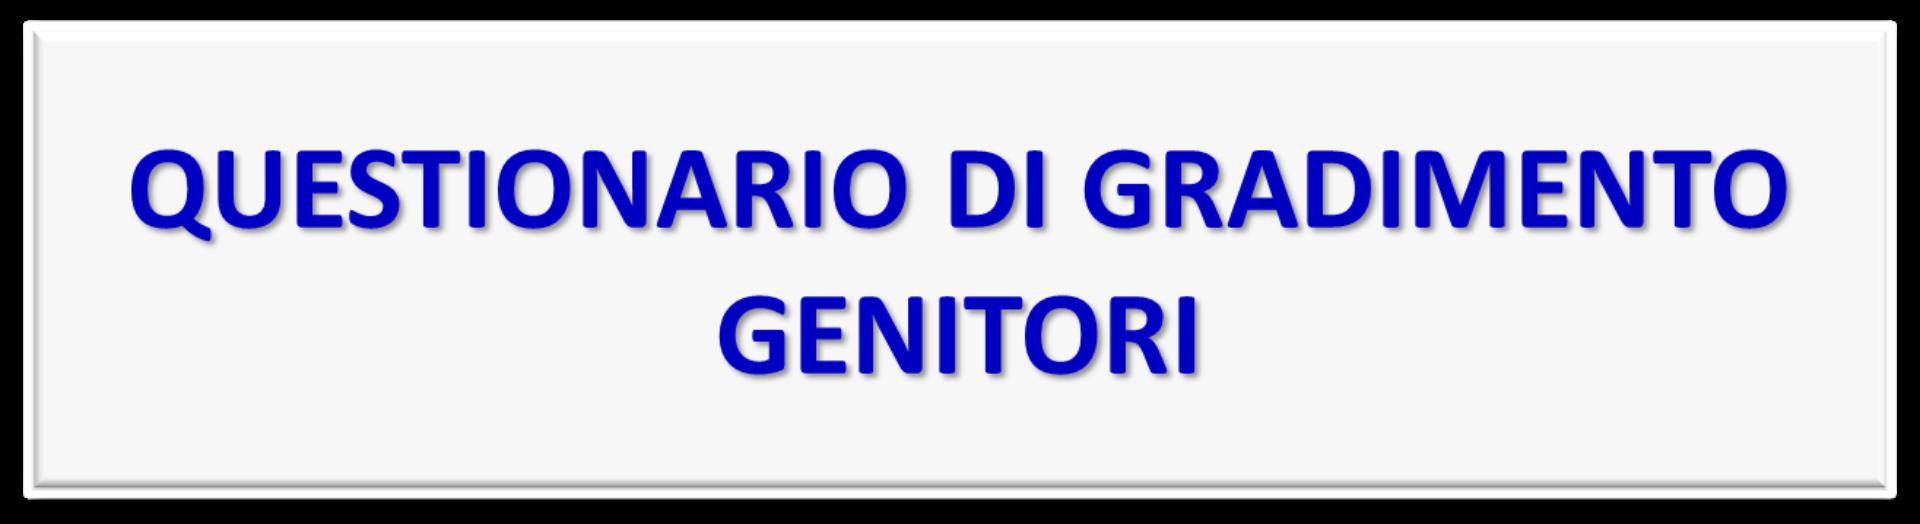 QUESTIONARIO GRADIMENTO GENITORI